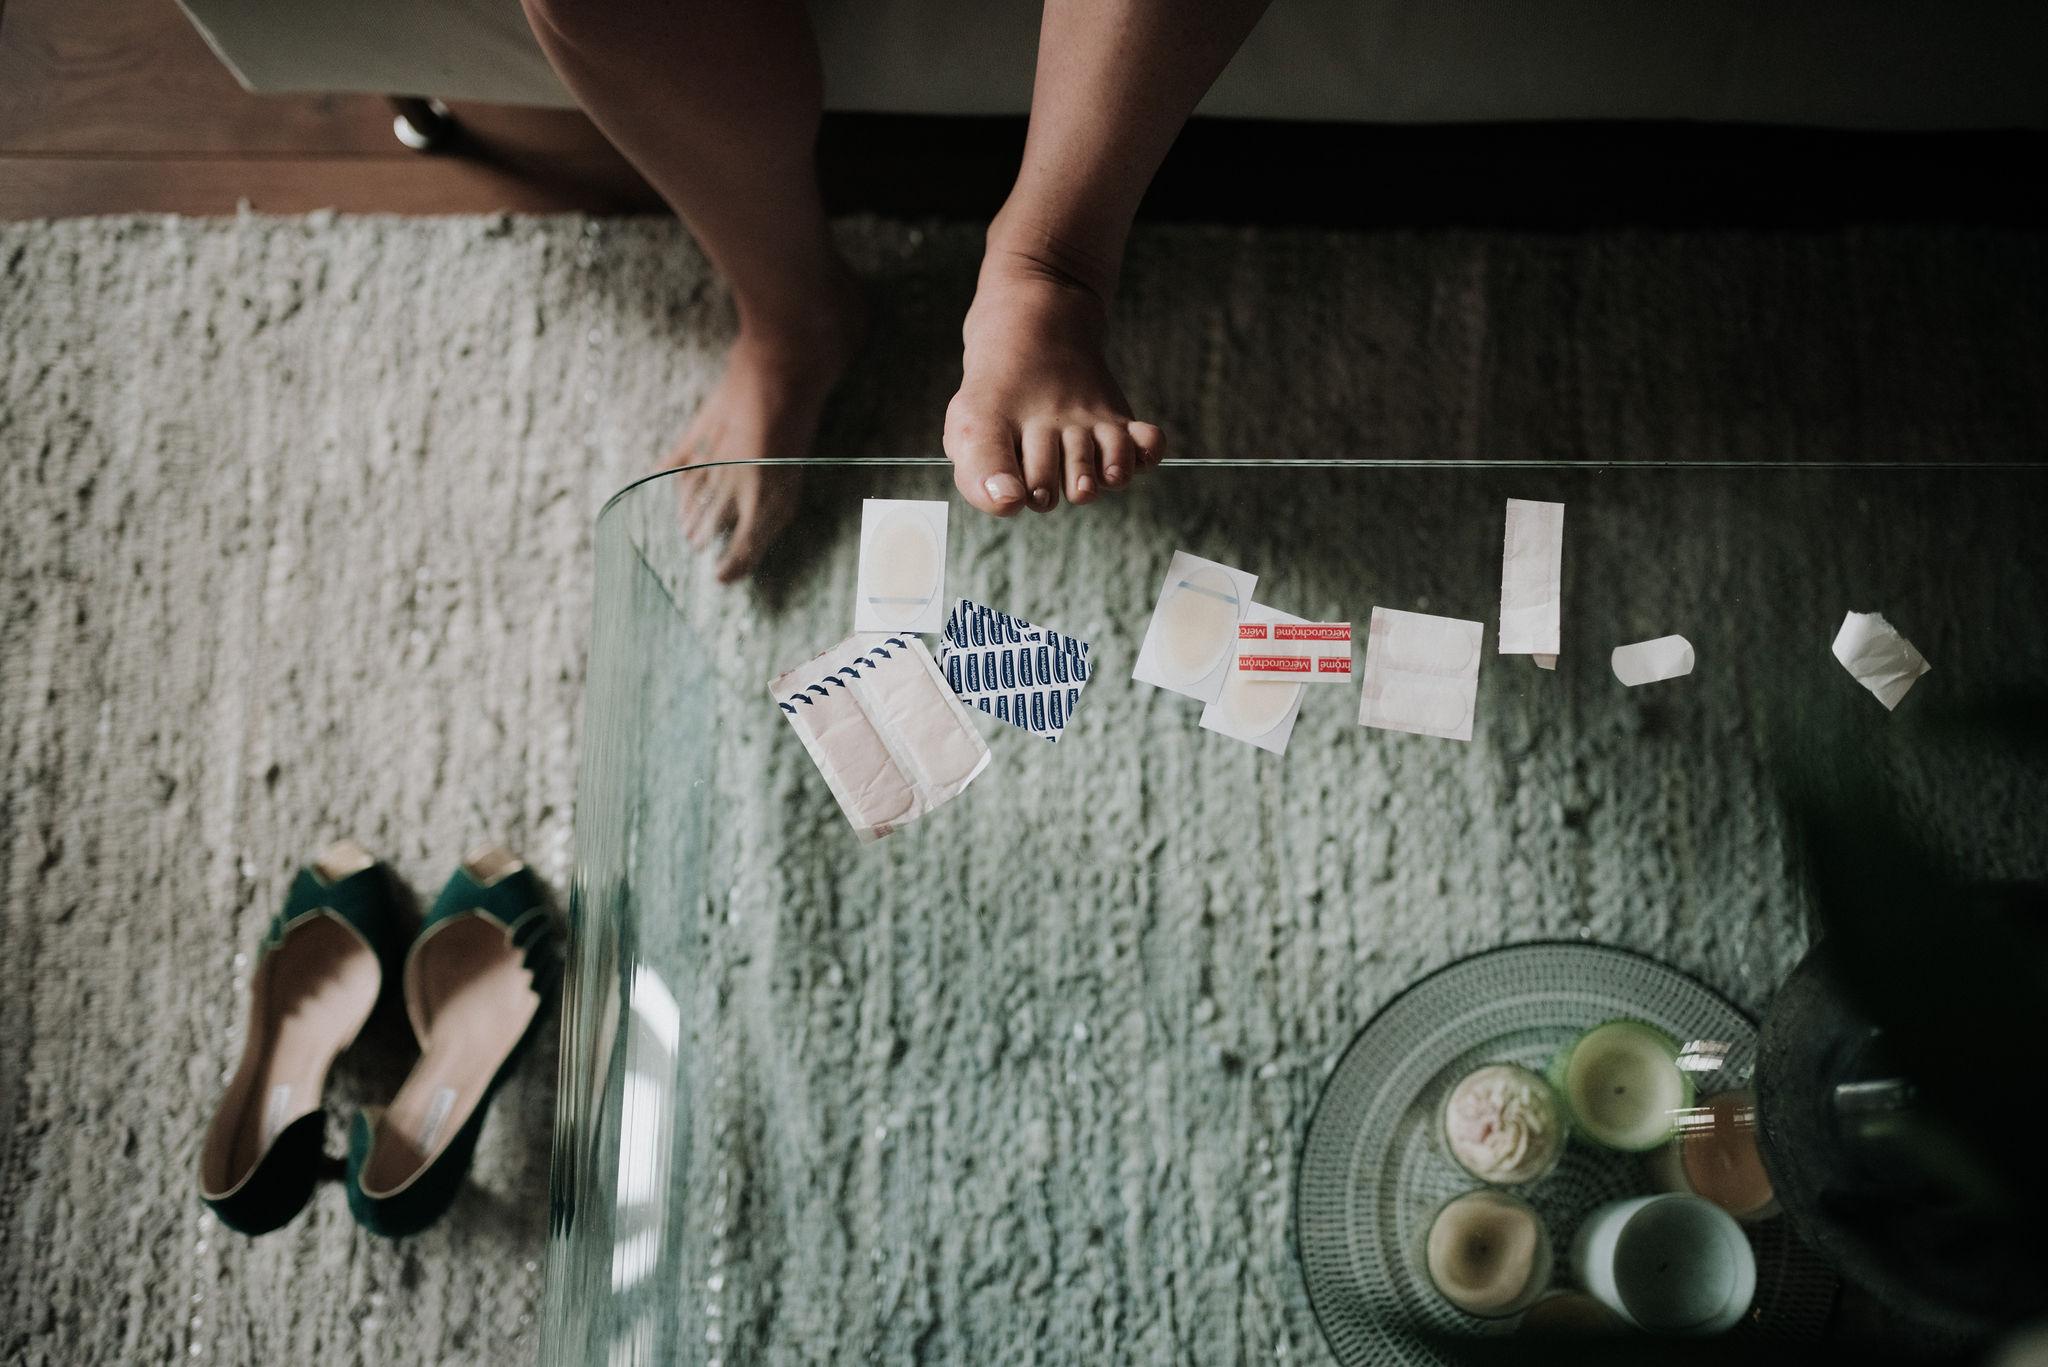 Léa-Fery-photographe-professionnel-lyon-rhone-alpes-portrait-creation-mariage-evenement-evenementiel-famille-5402.jpg